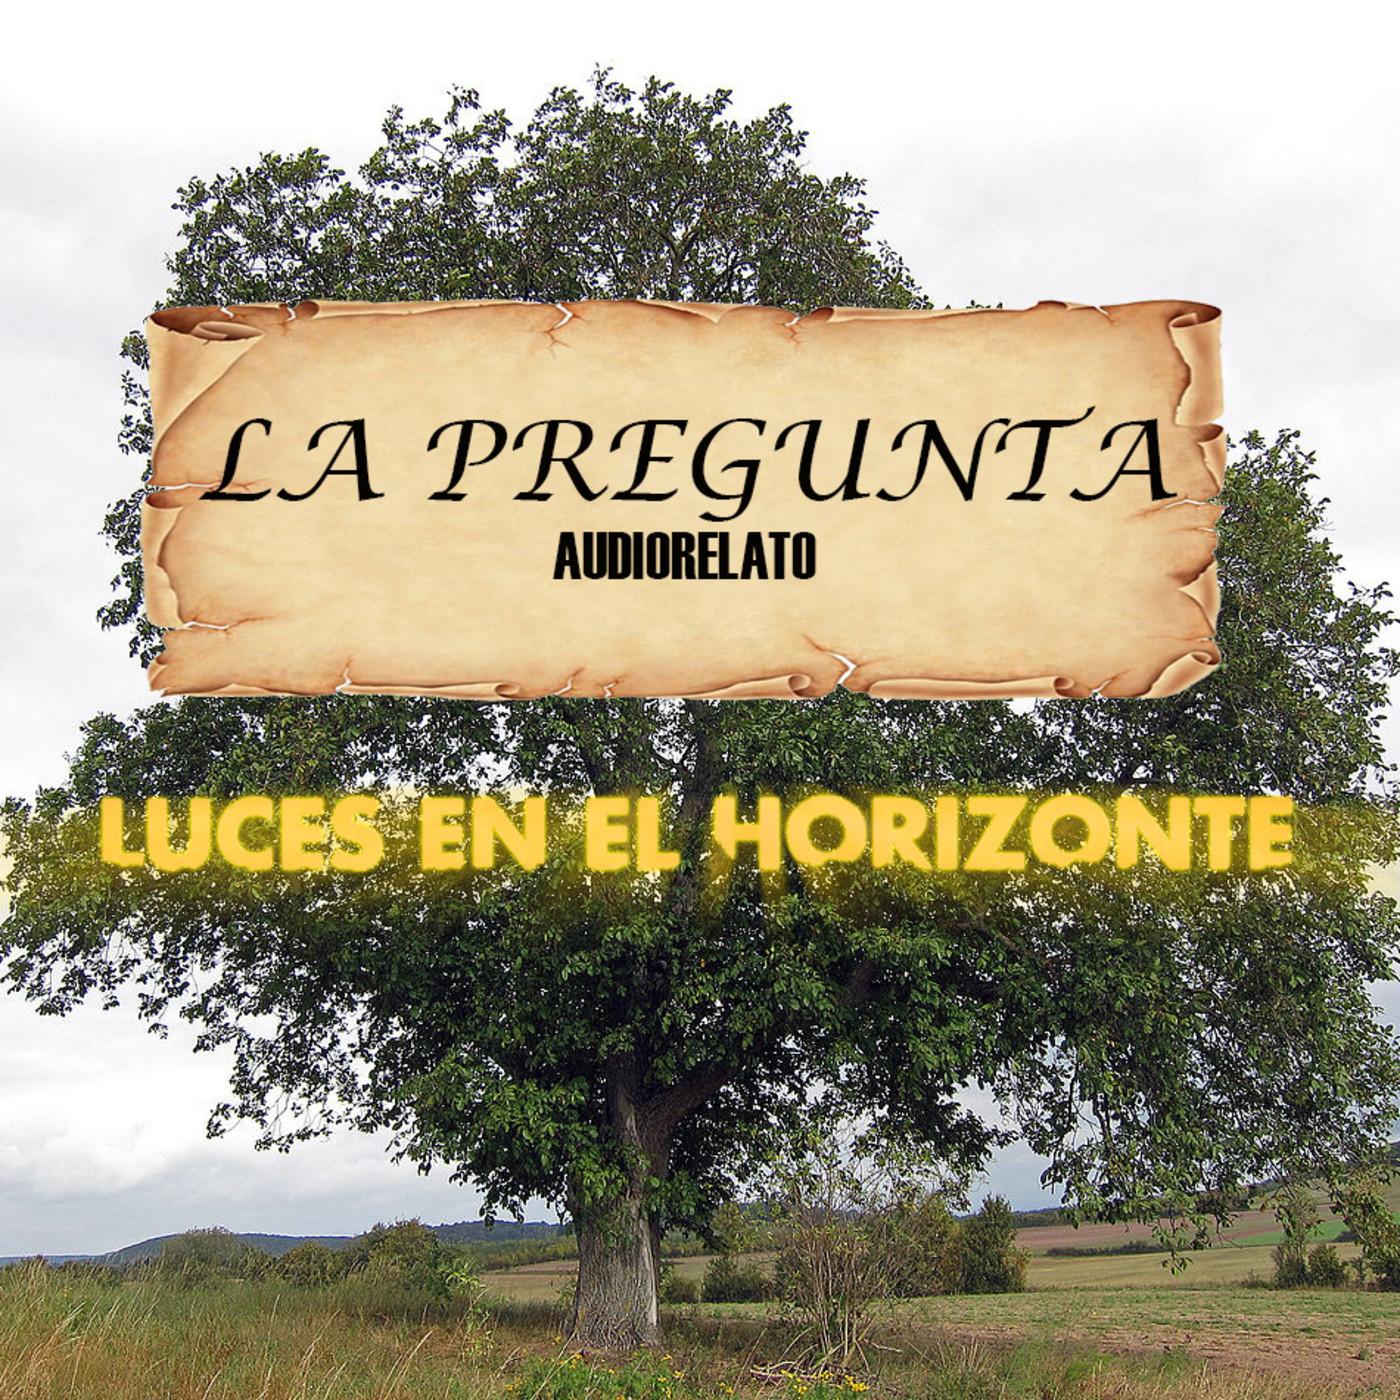 Luces en el Horizonte: LA PREGUNTA (Audiorelato) Escrito por Luis Martínez Vallés y narrado por Ángel Castillo.